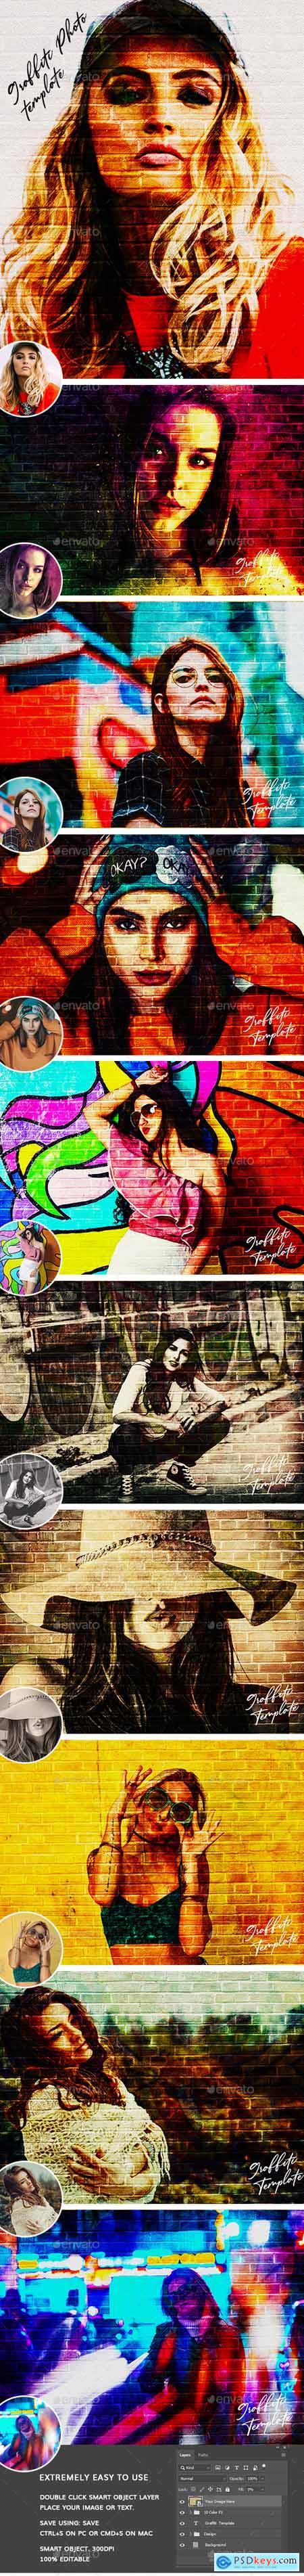 Graffiti Effects Photo Template 29594237